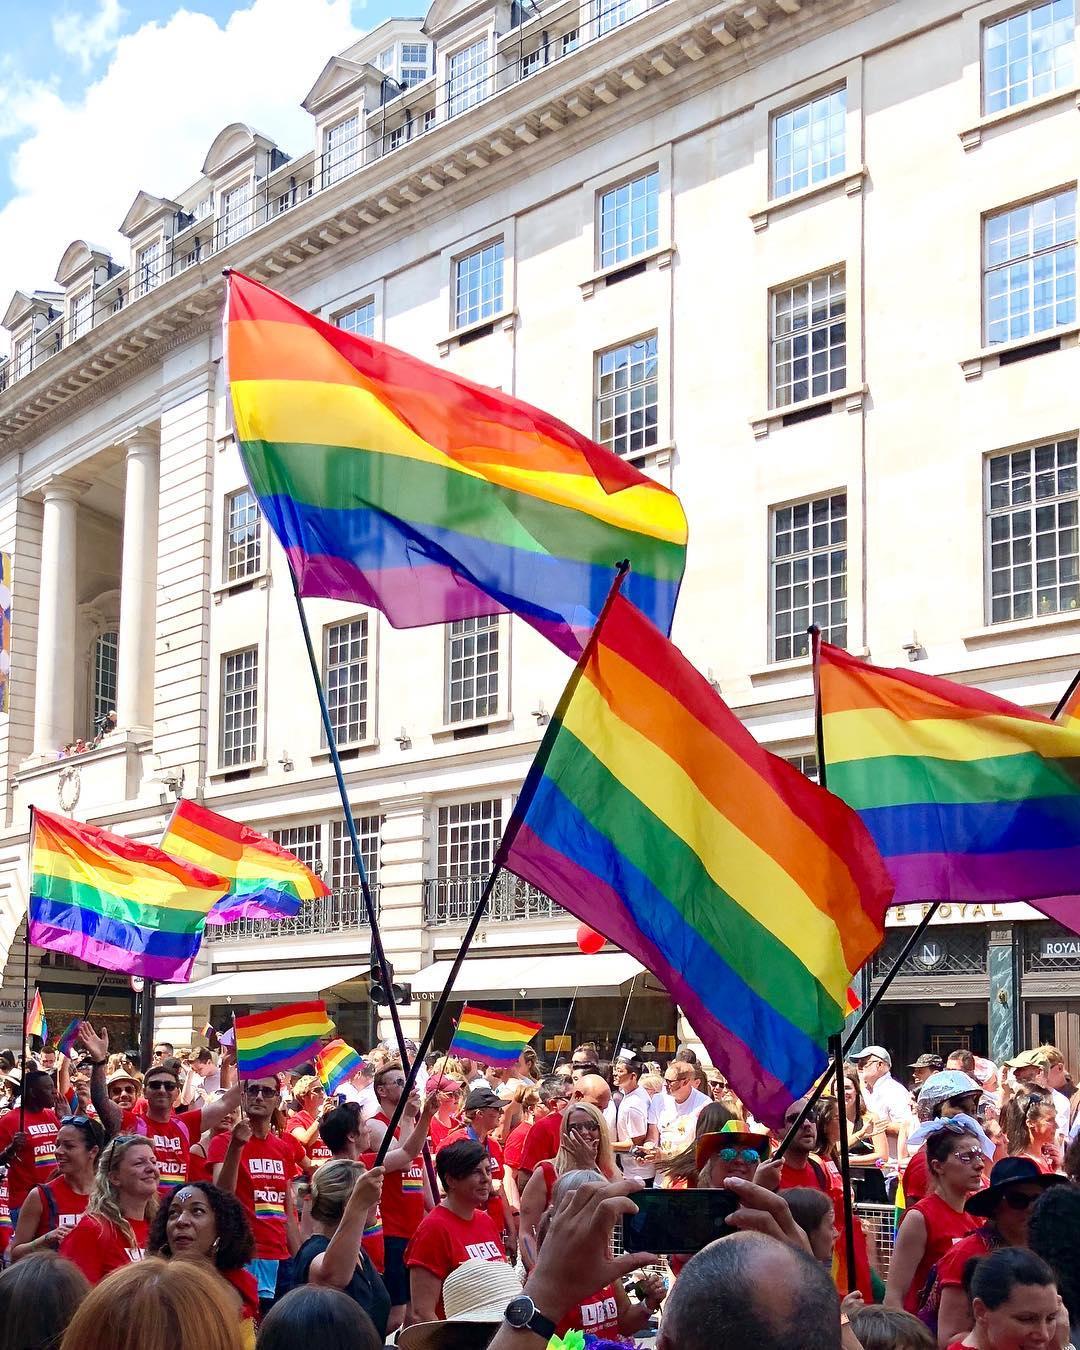 London Pride Parade Photo